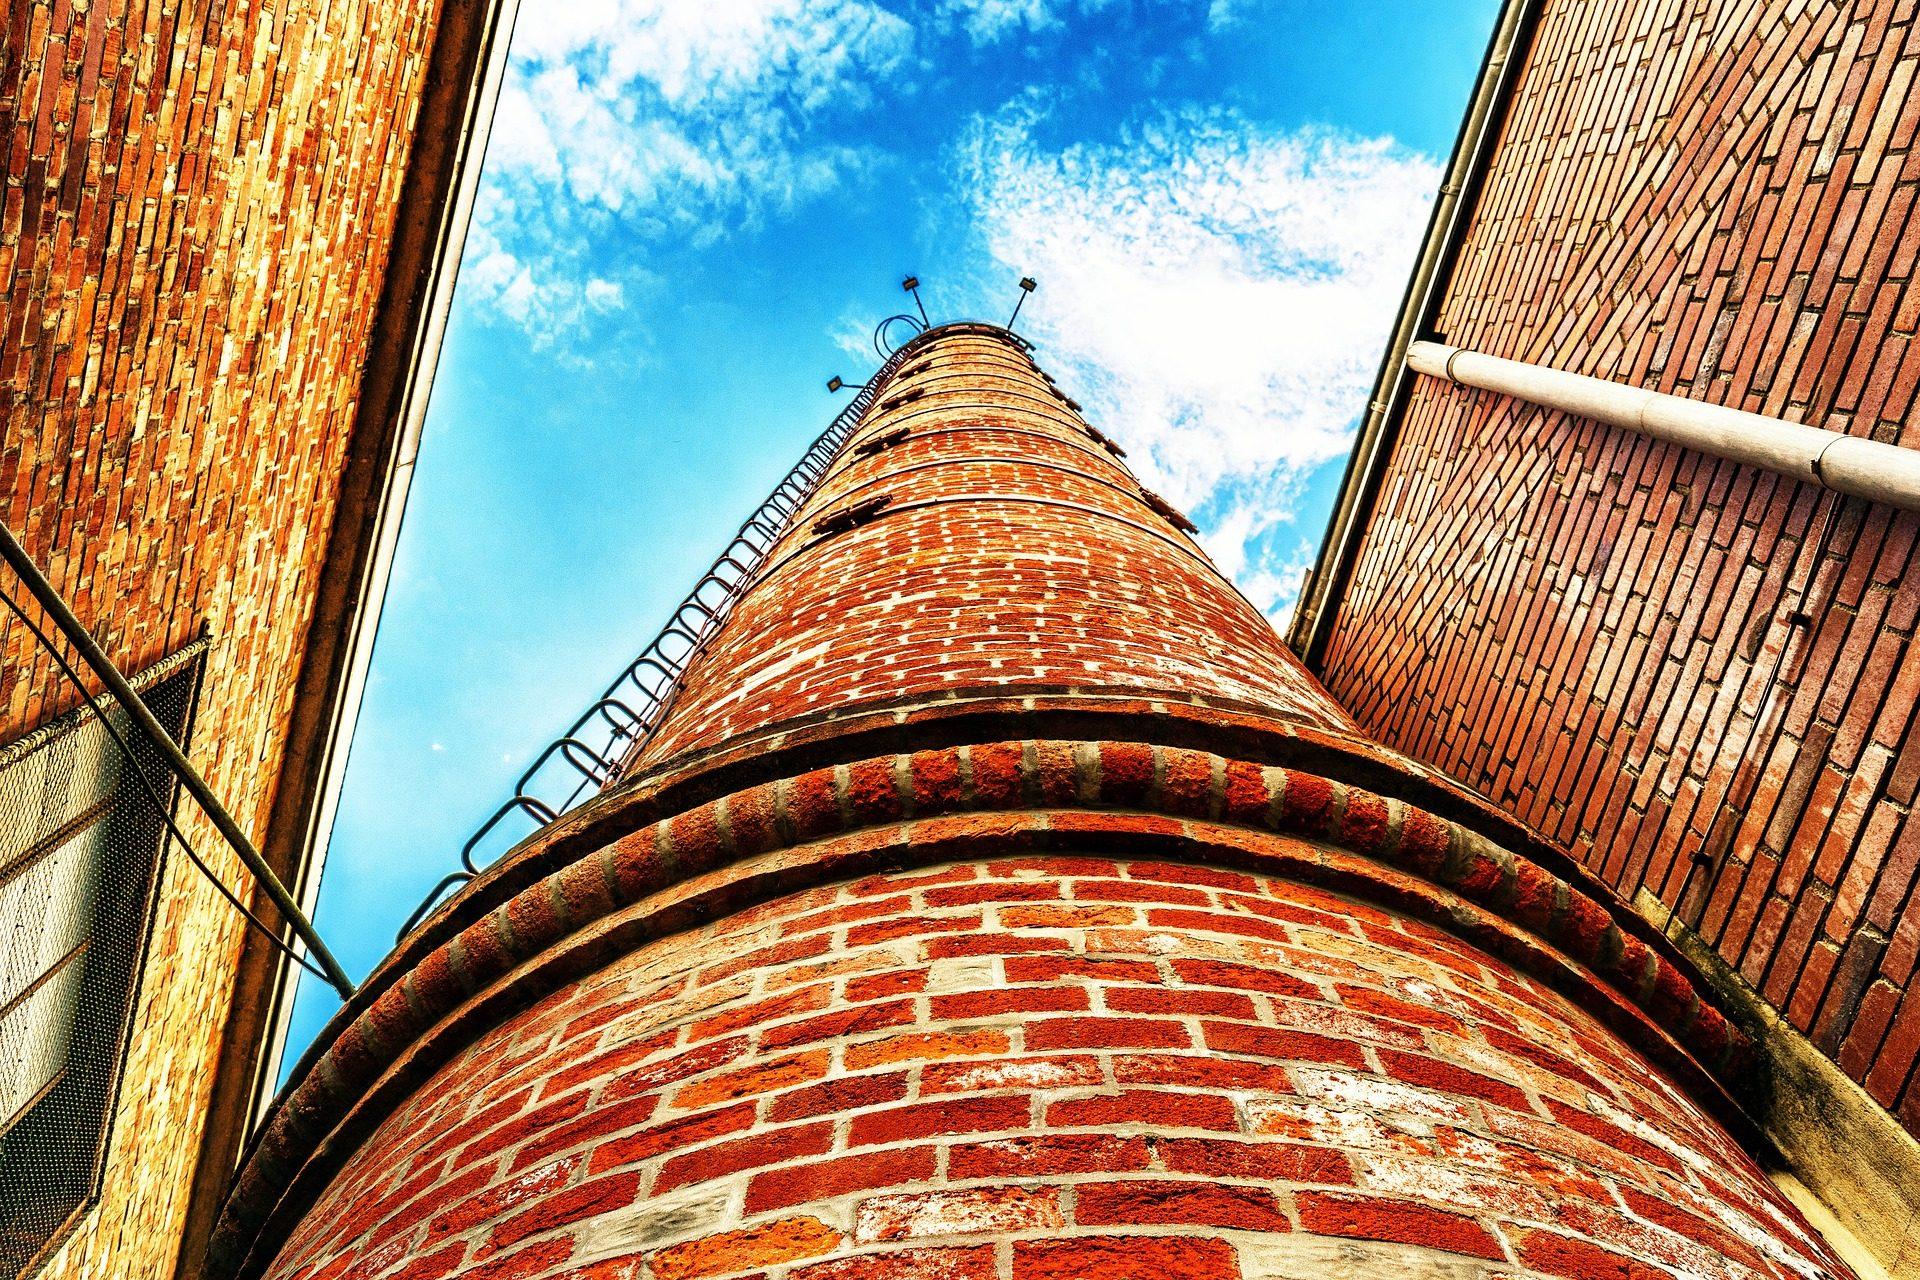 Πύργος, τζάκι, τούβλα, σκάλες, Ουρανός, σύννεφα - Wallpapers HD - Professor-falken.com